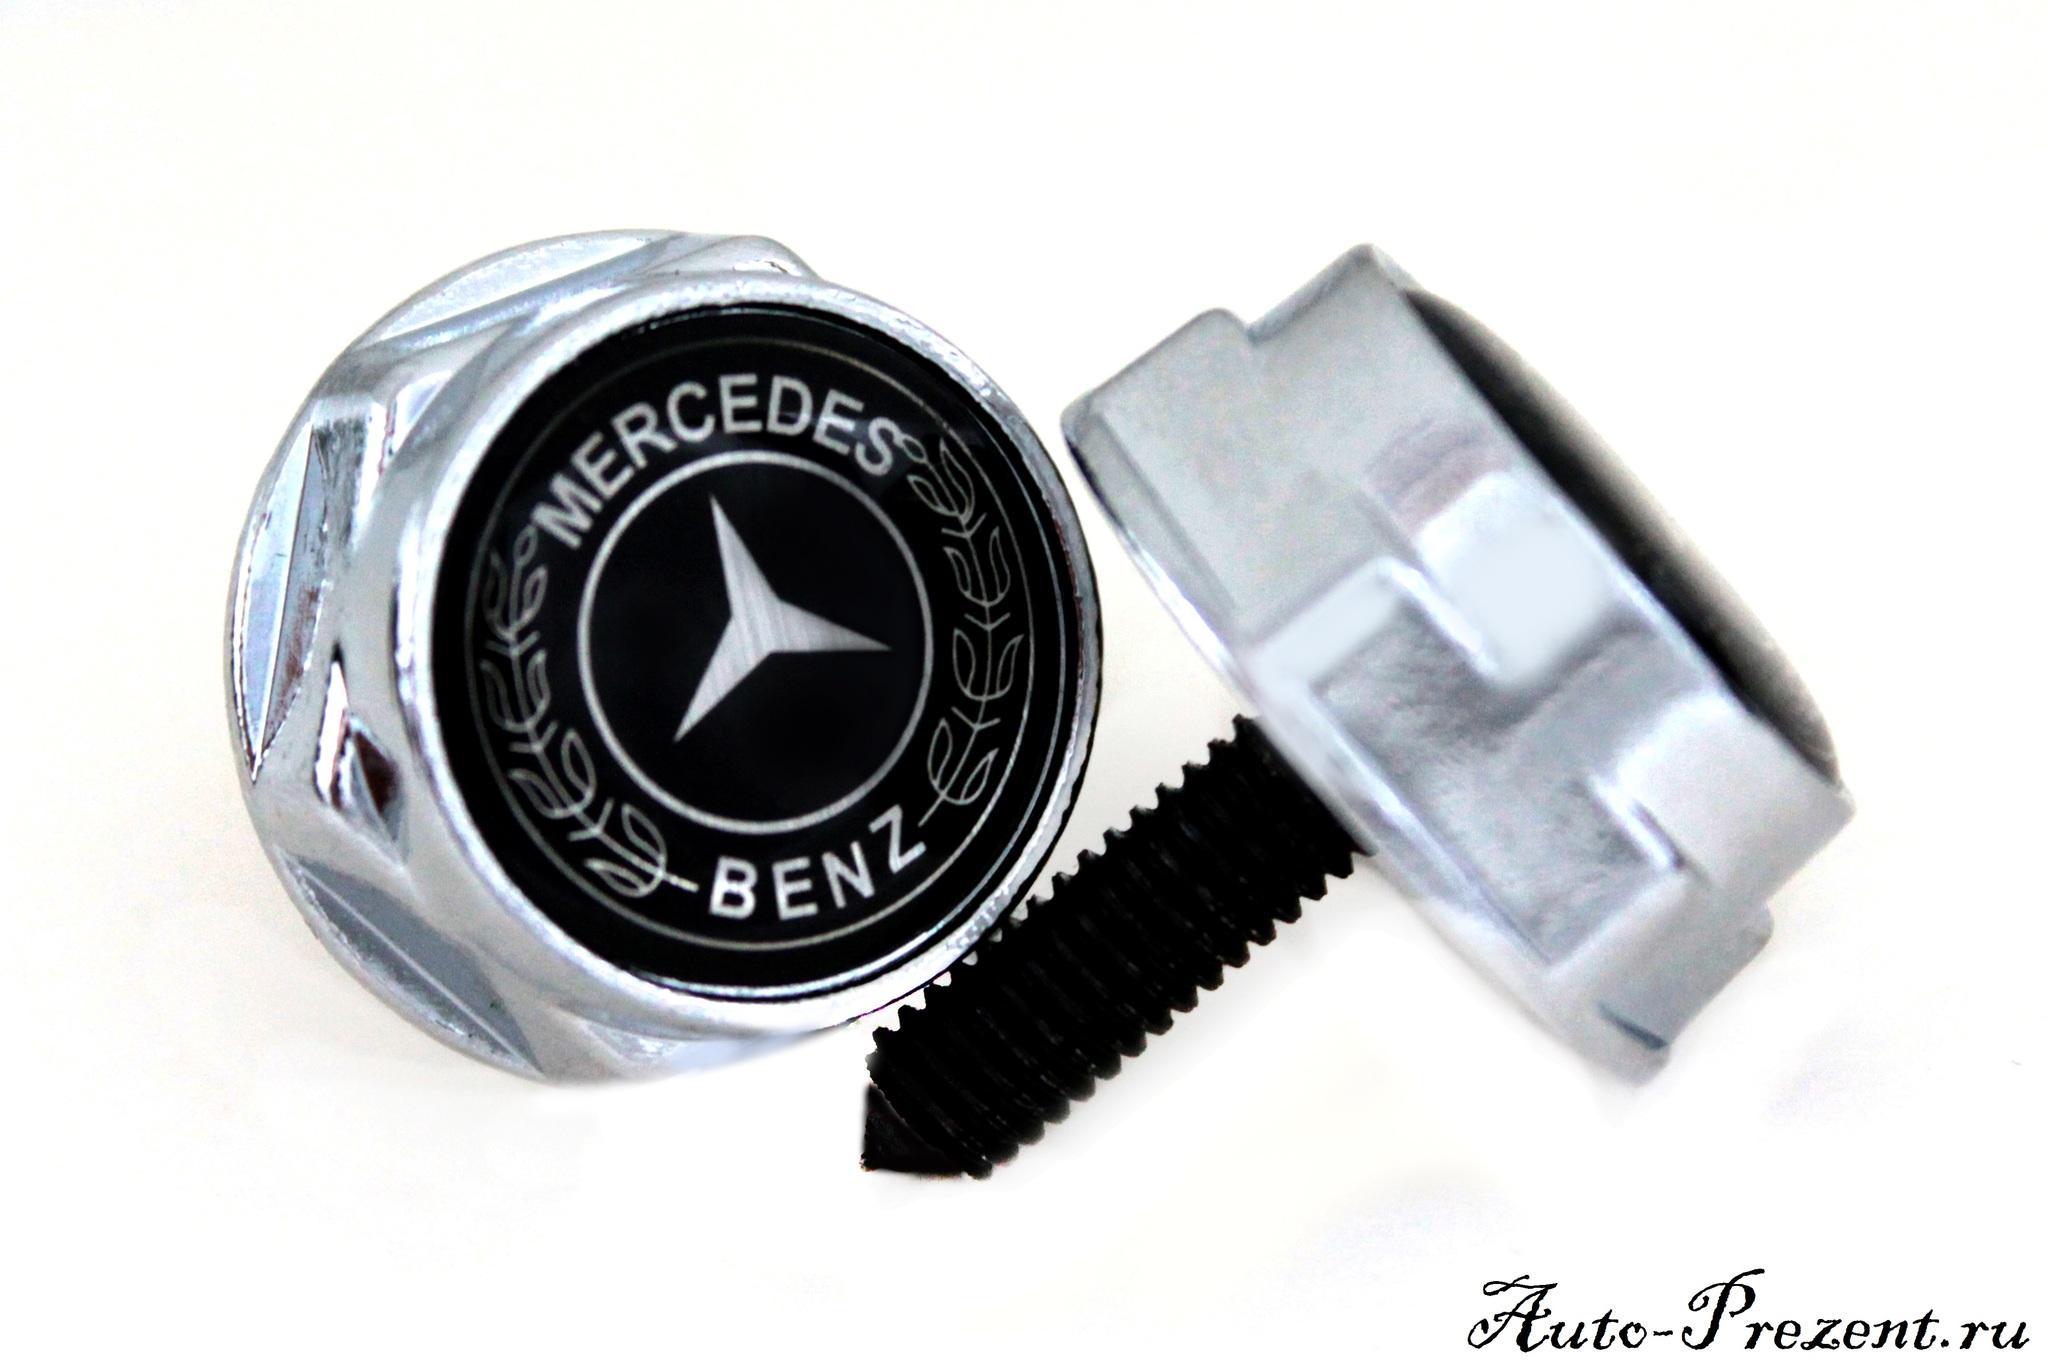 Болты для крепления госномера с логотипом MERCEDES-BENZ